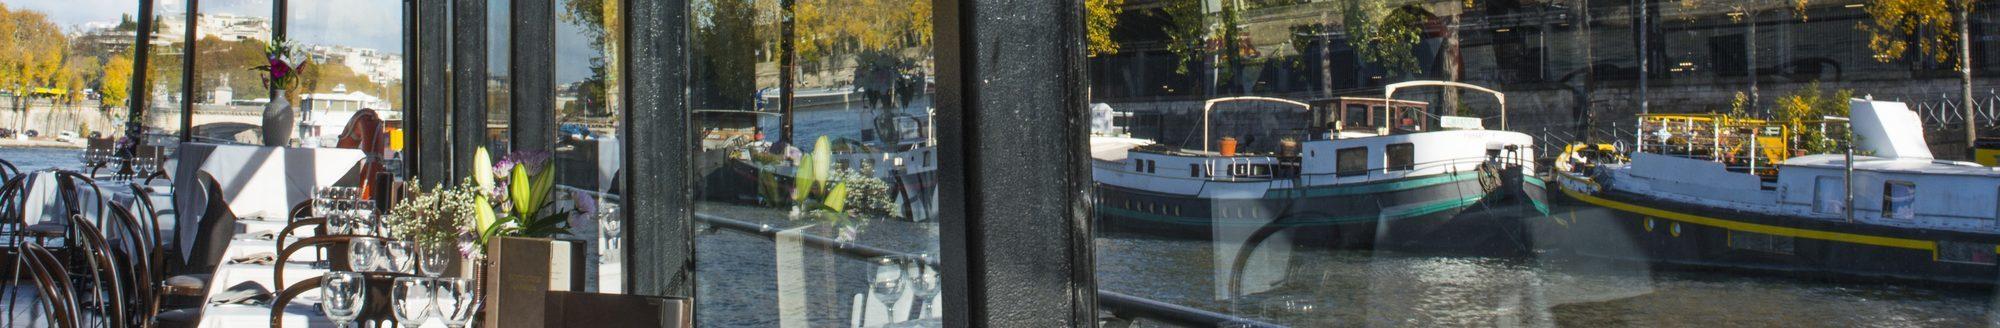 Fotos Mittagessen Marina de Paris